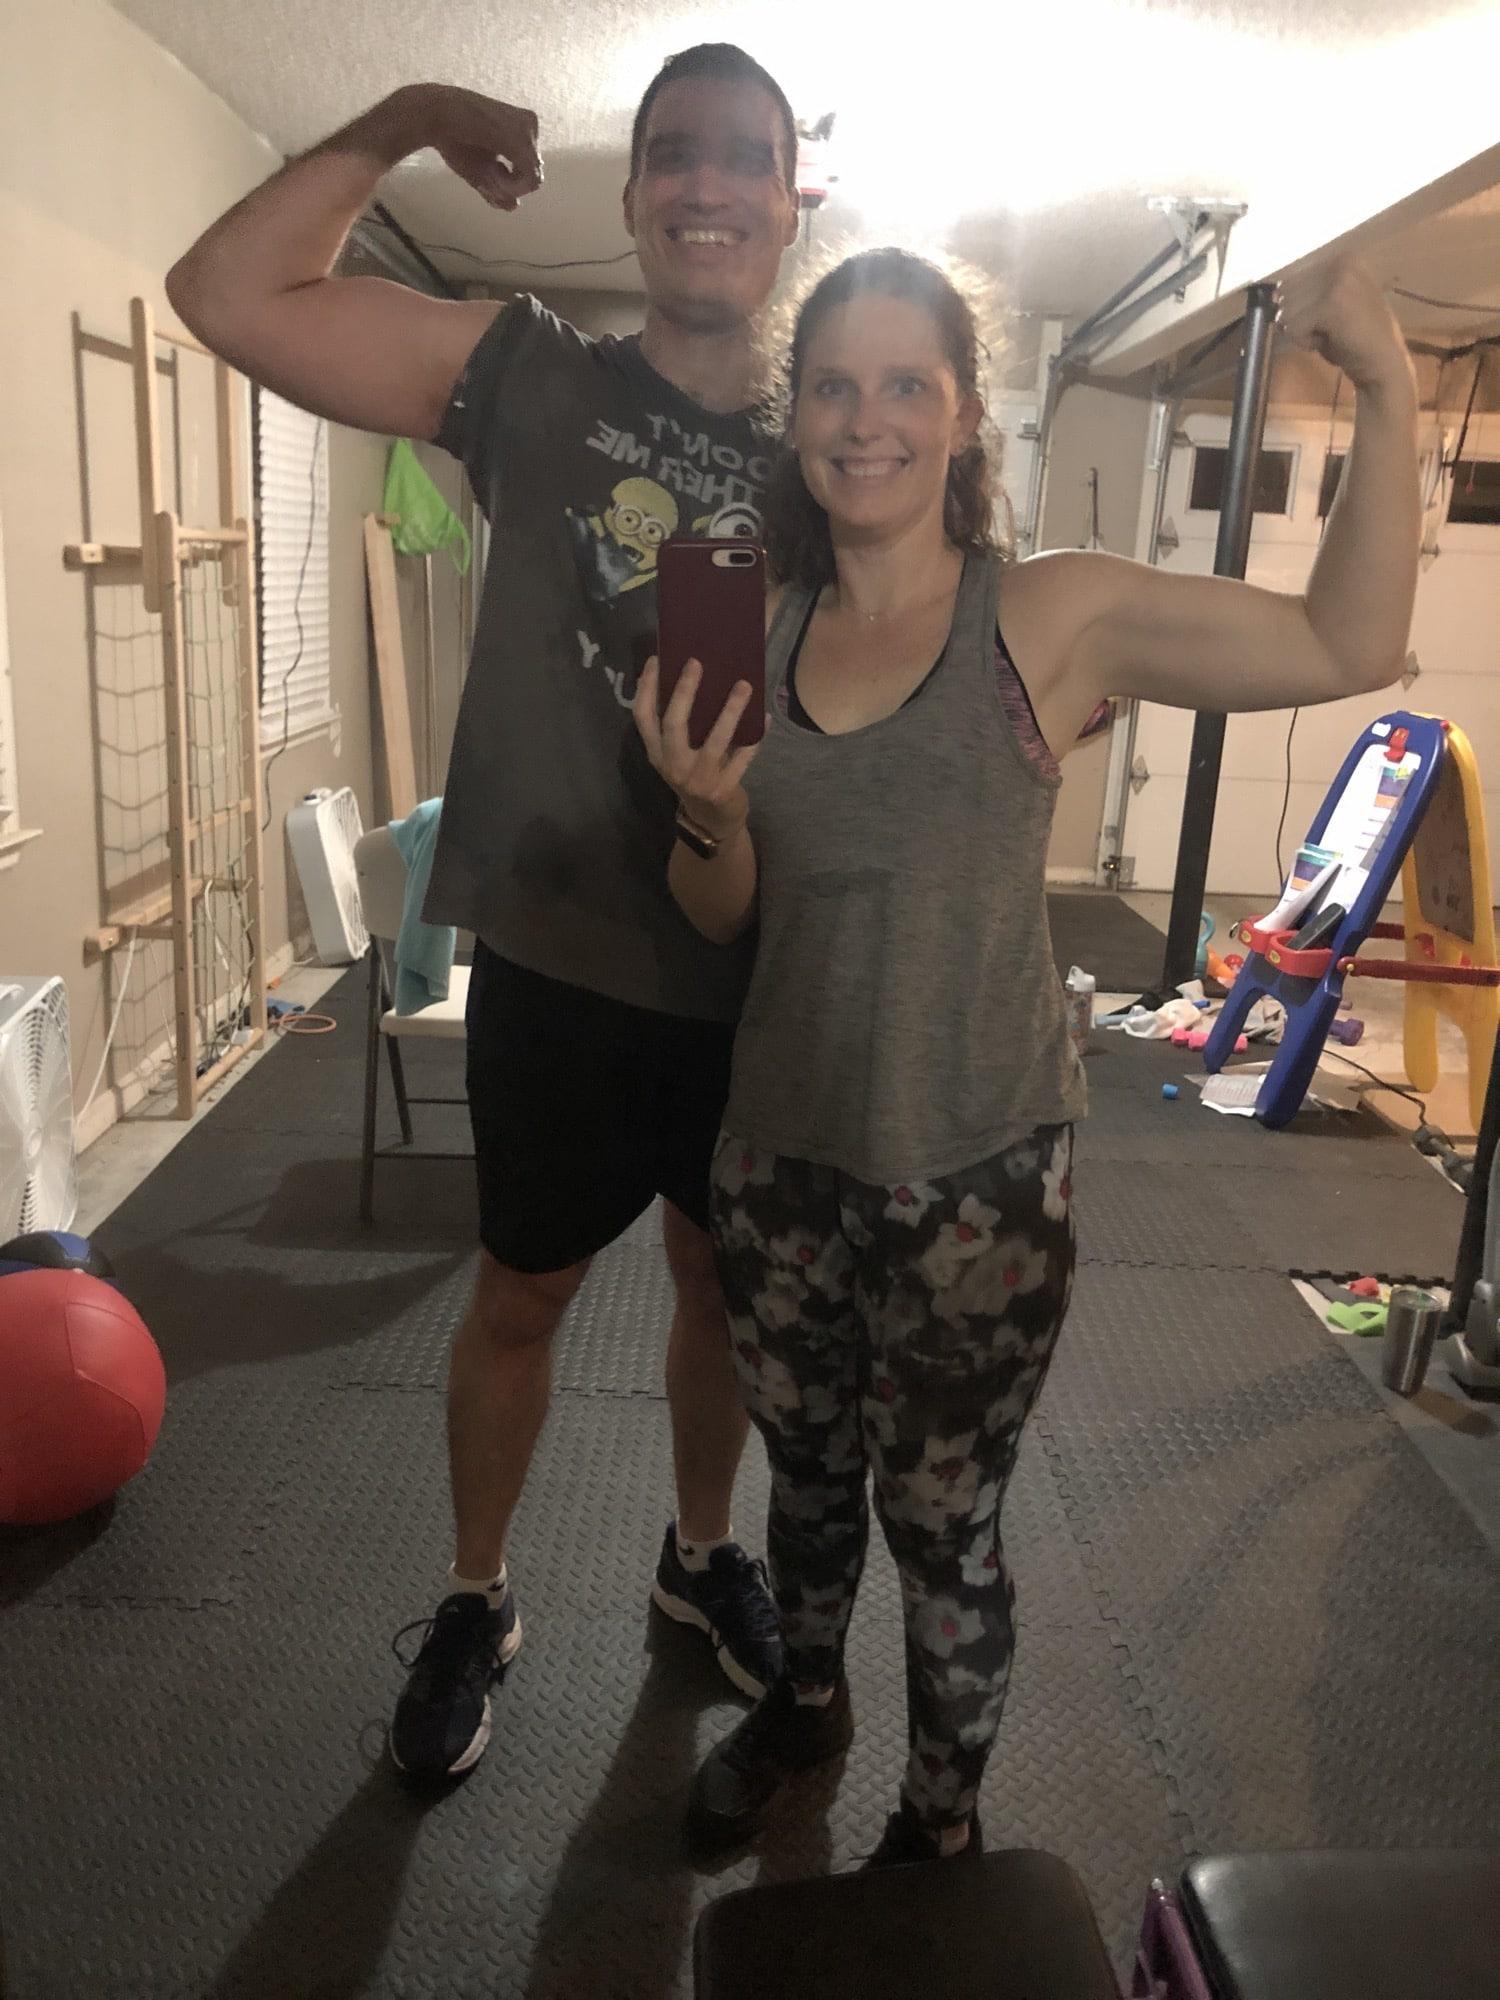 post garage gym workout selfie